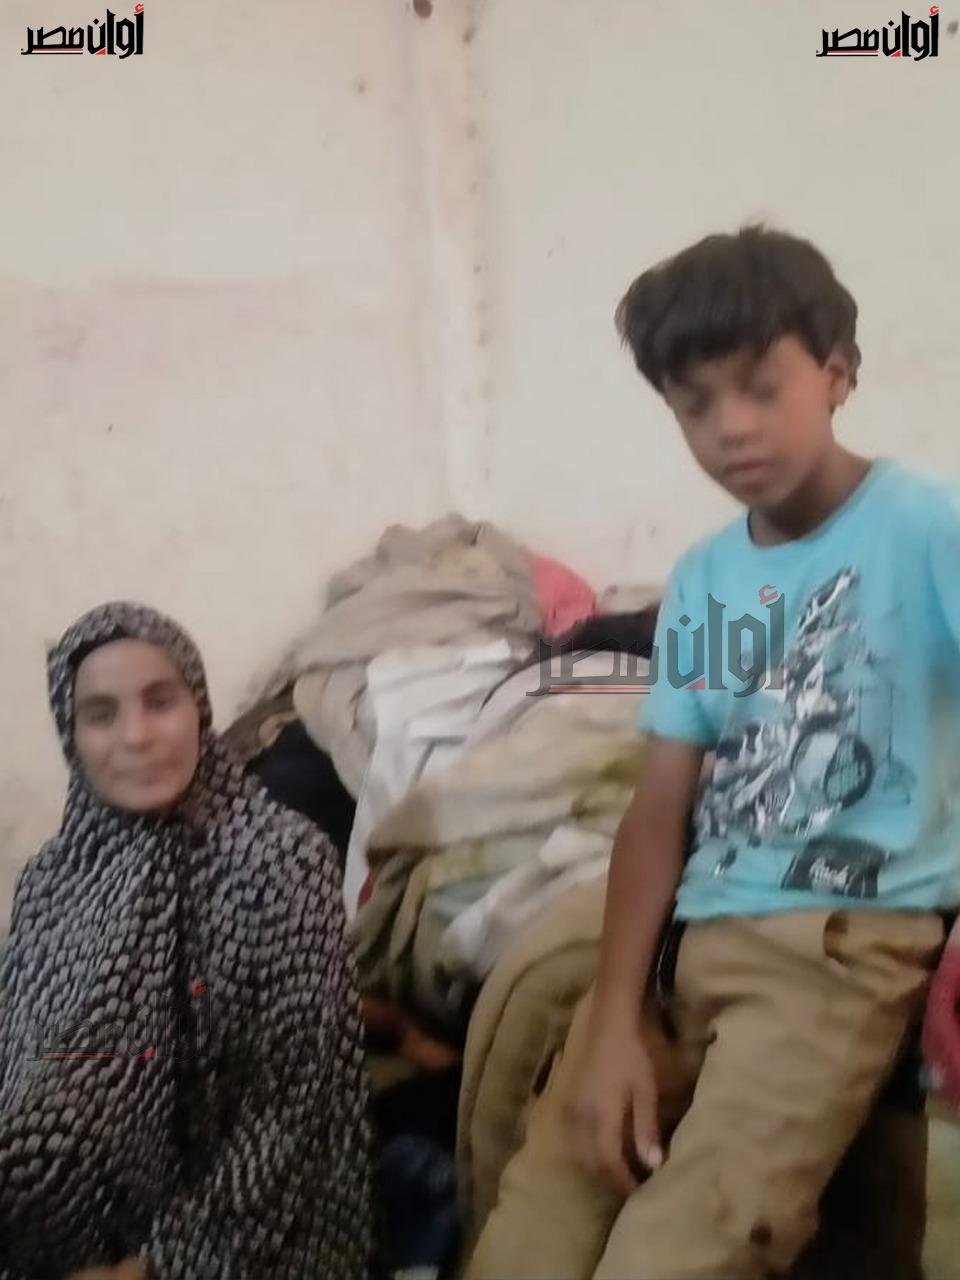 استجابة لـ أوان مصر..العثور على الطفل كريم رسام الرصيف بالبحيرة وتوجيهات بتلبية طلباته وأسرته